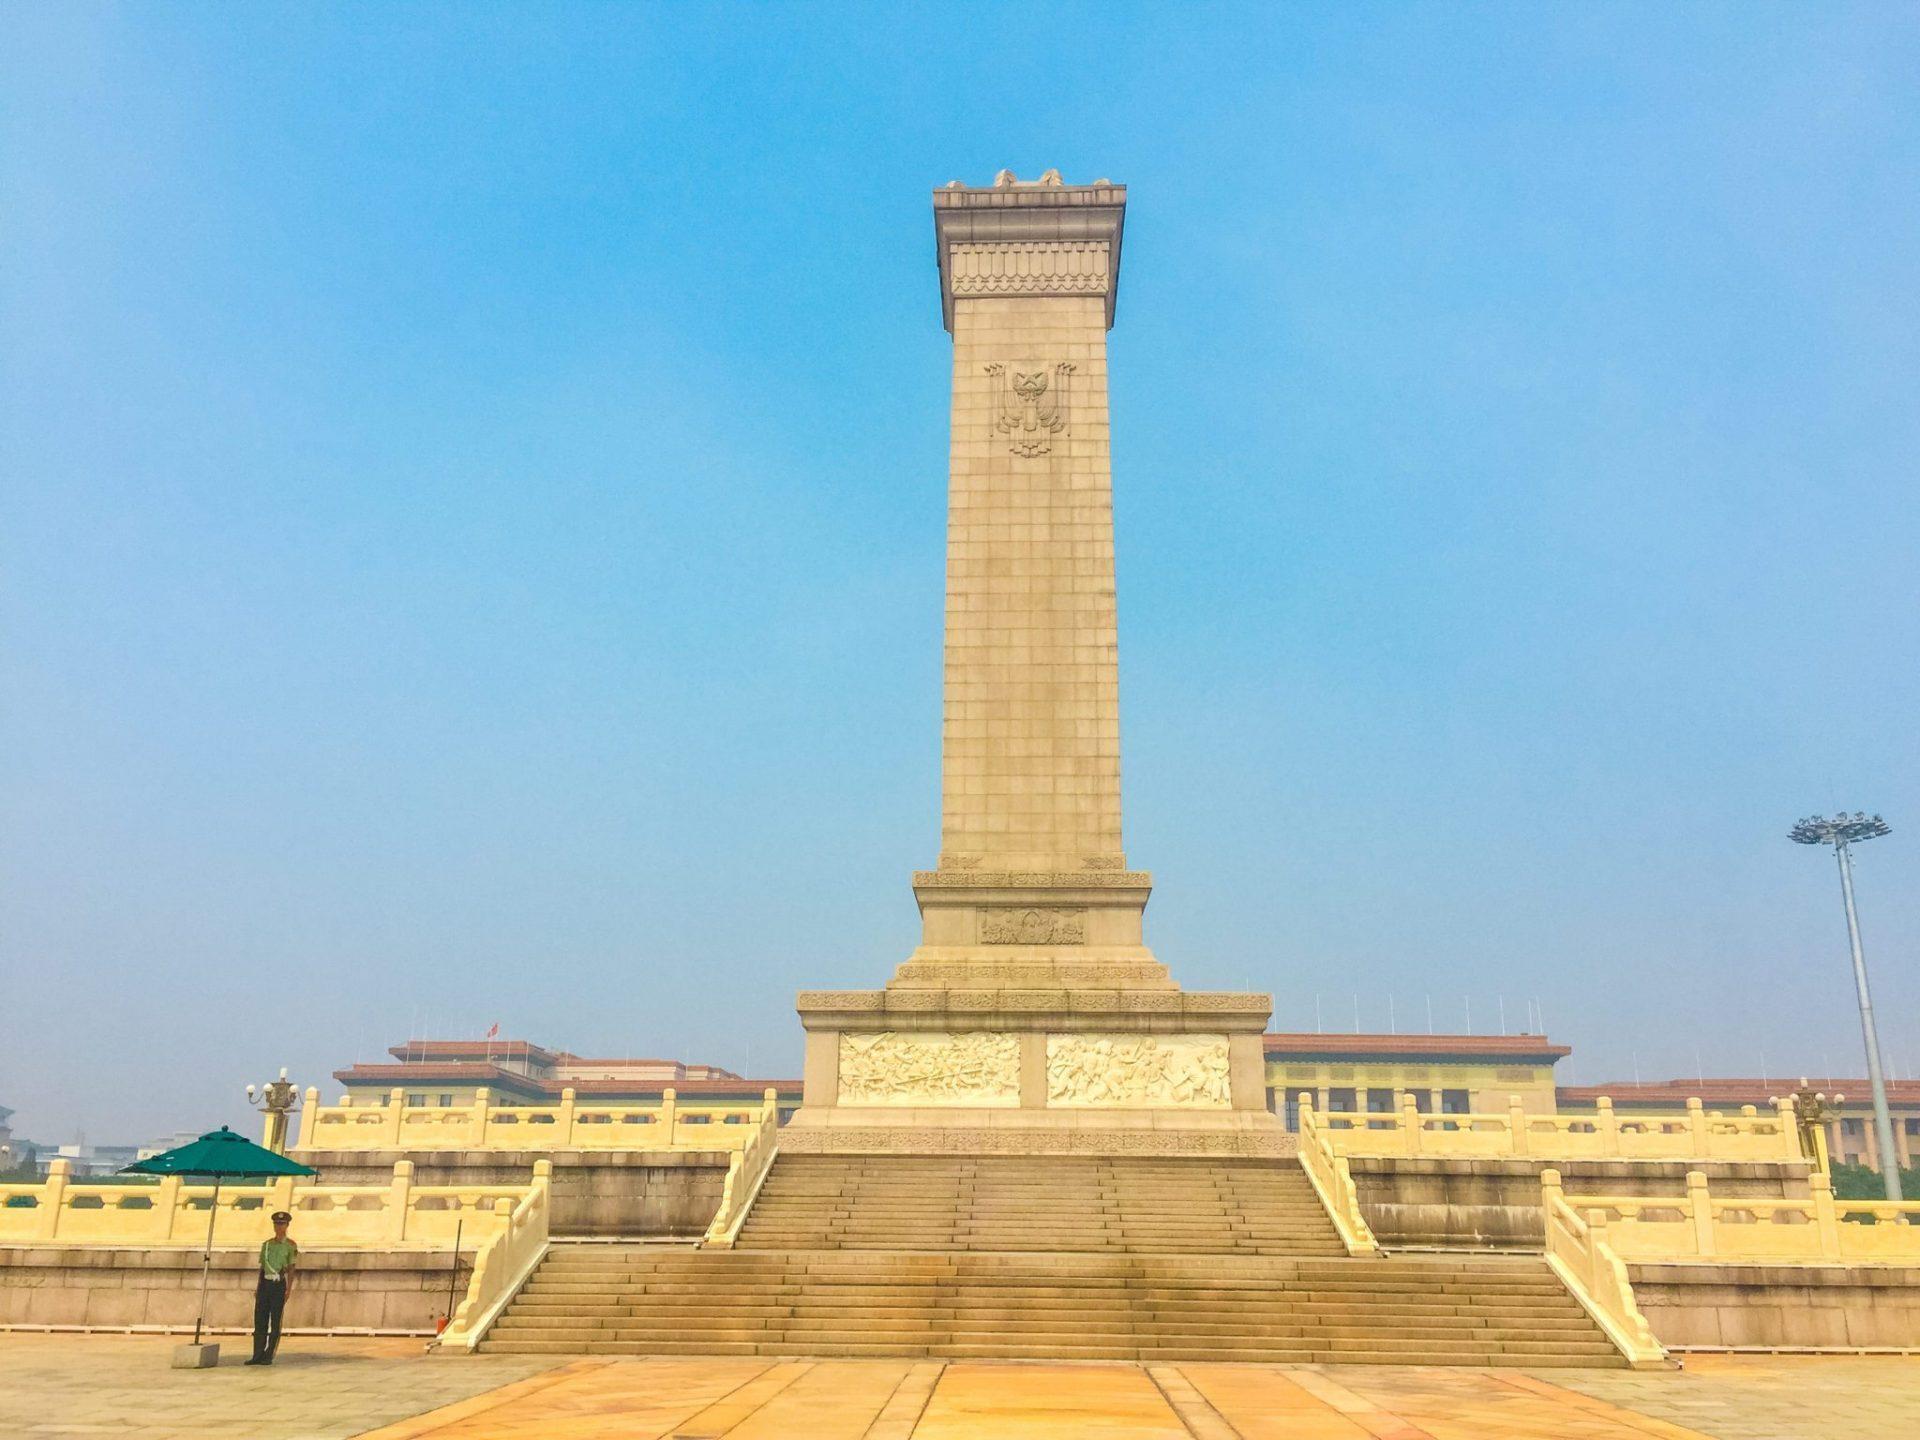 monumento a los heroes del pueblo - itinerario pekin